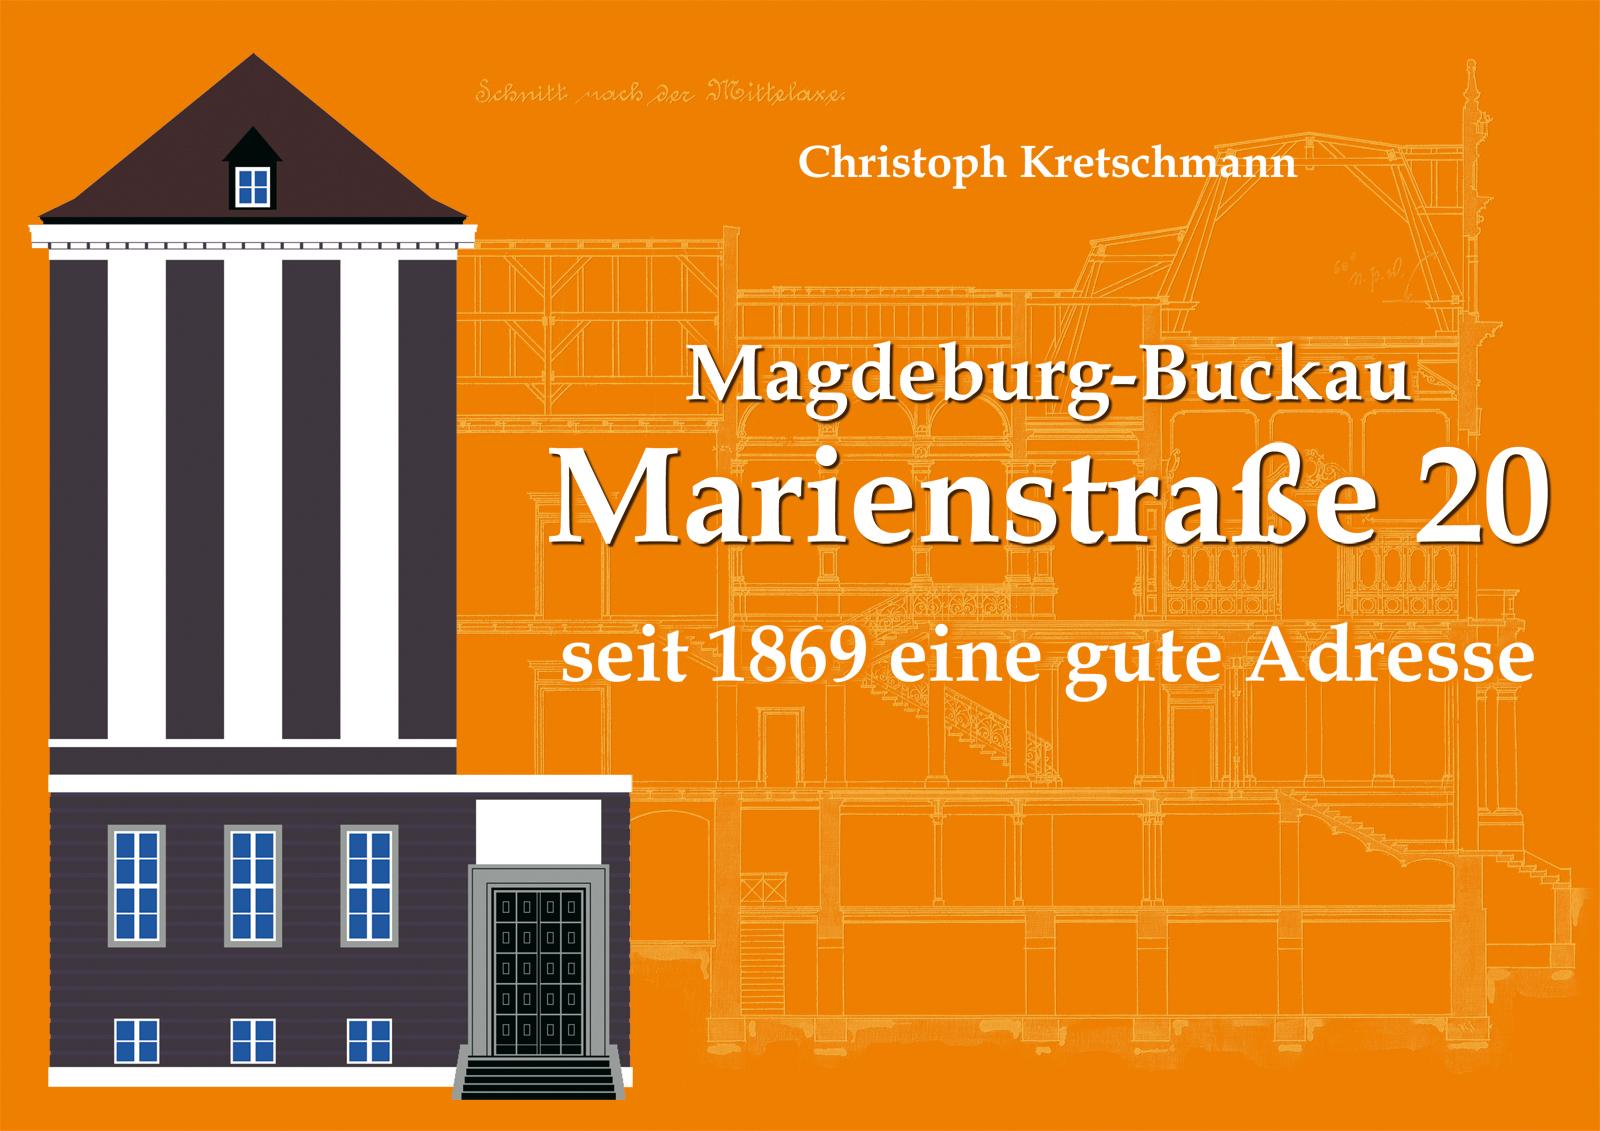 Magdeburg-Buckau - Marienstraße 20 seit 1869 eine gute Adresse